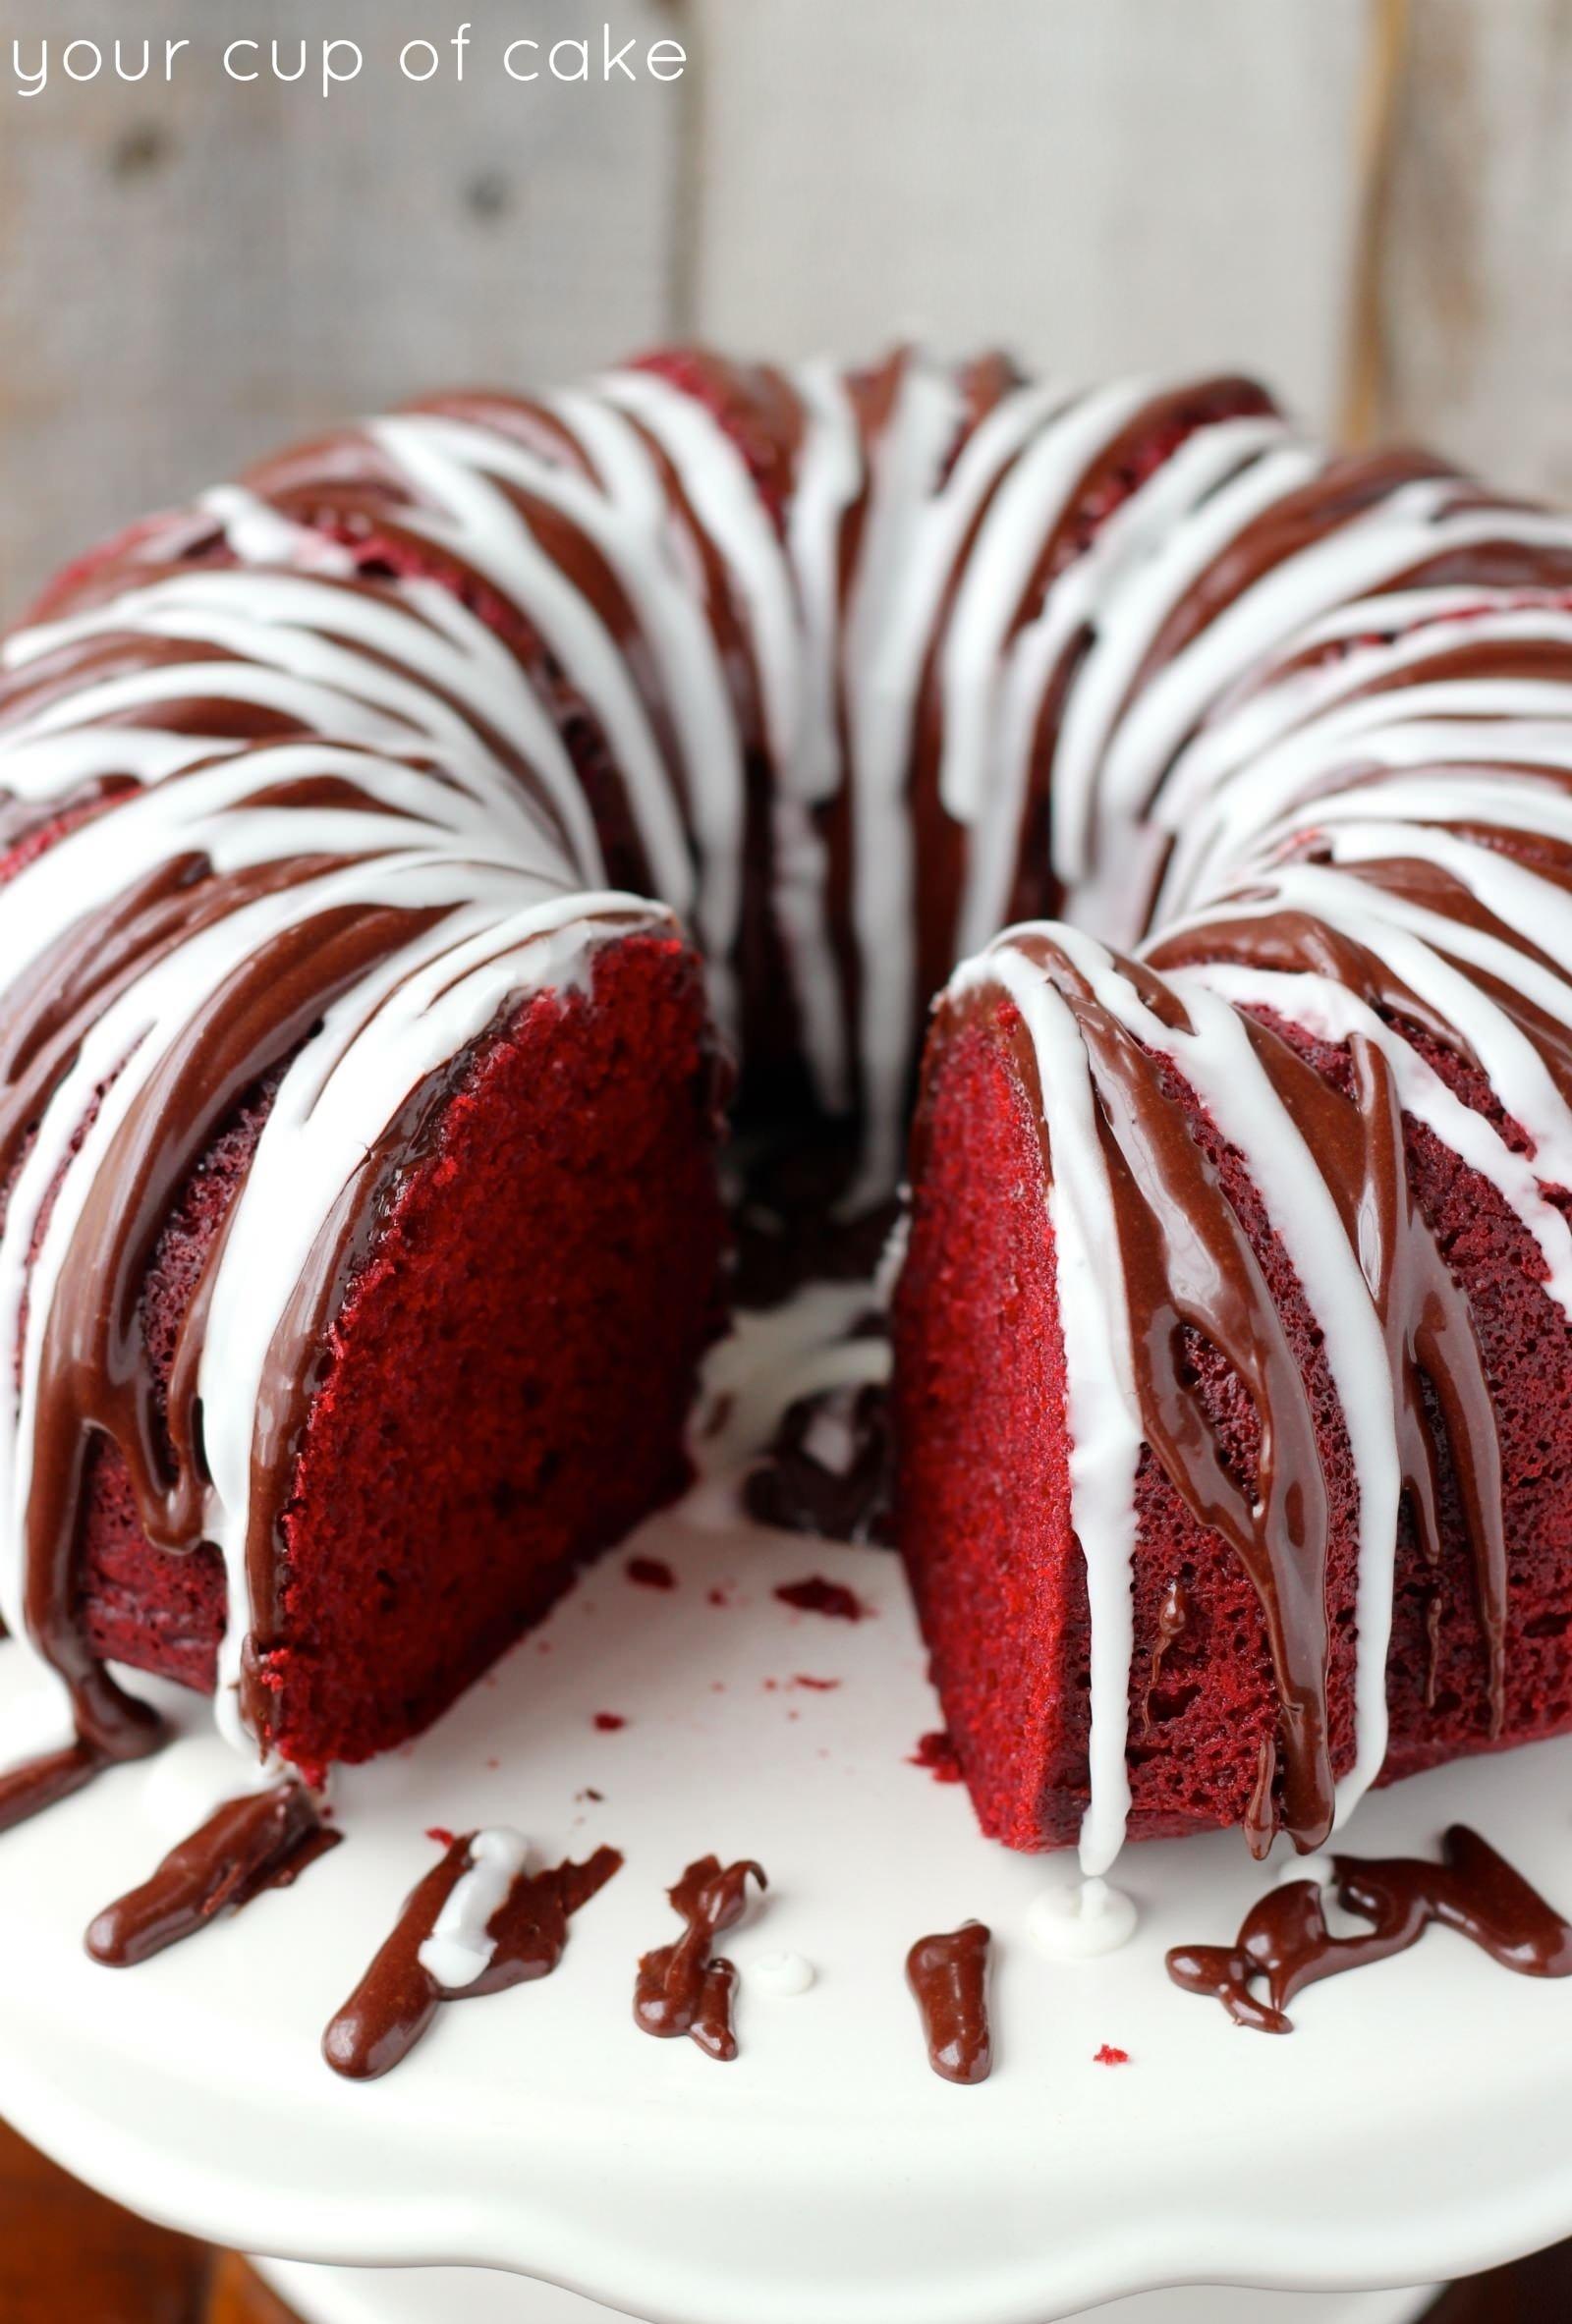 10 Famous Red Velvet Cake Filling Ideas red velvet sour cream bundt cake your cup of cake 1 2020